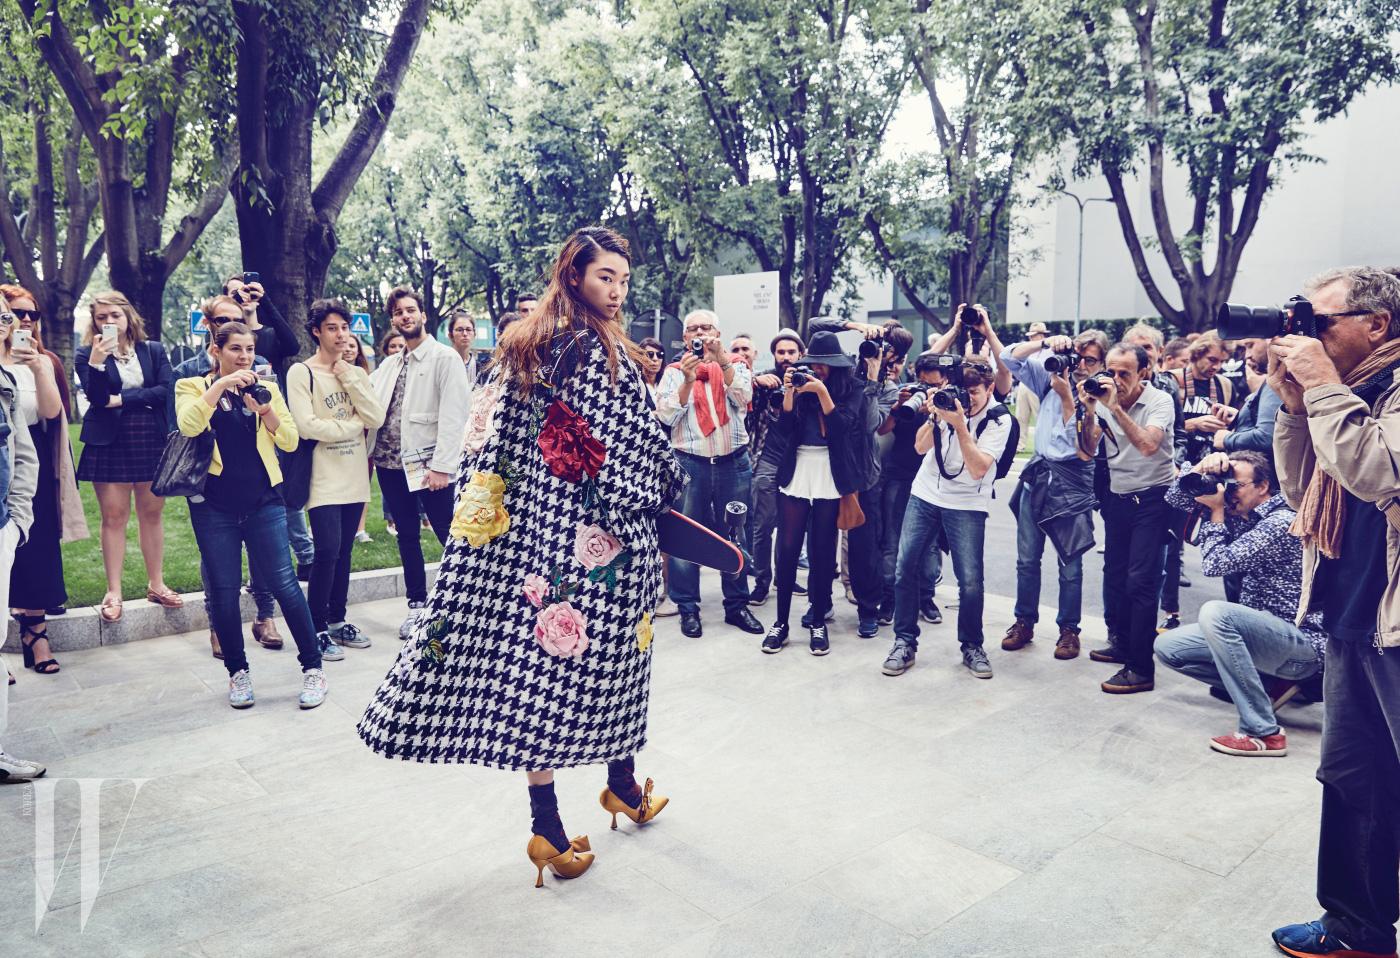 입체적인 꽃 장식의 하운즈투스 체크무늬 코트는 Dolce & Gabbana, 후디 재킷과 양말은 Prada, 리본 장식 힐은 Moschino 제품.